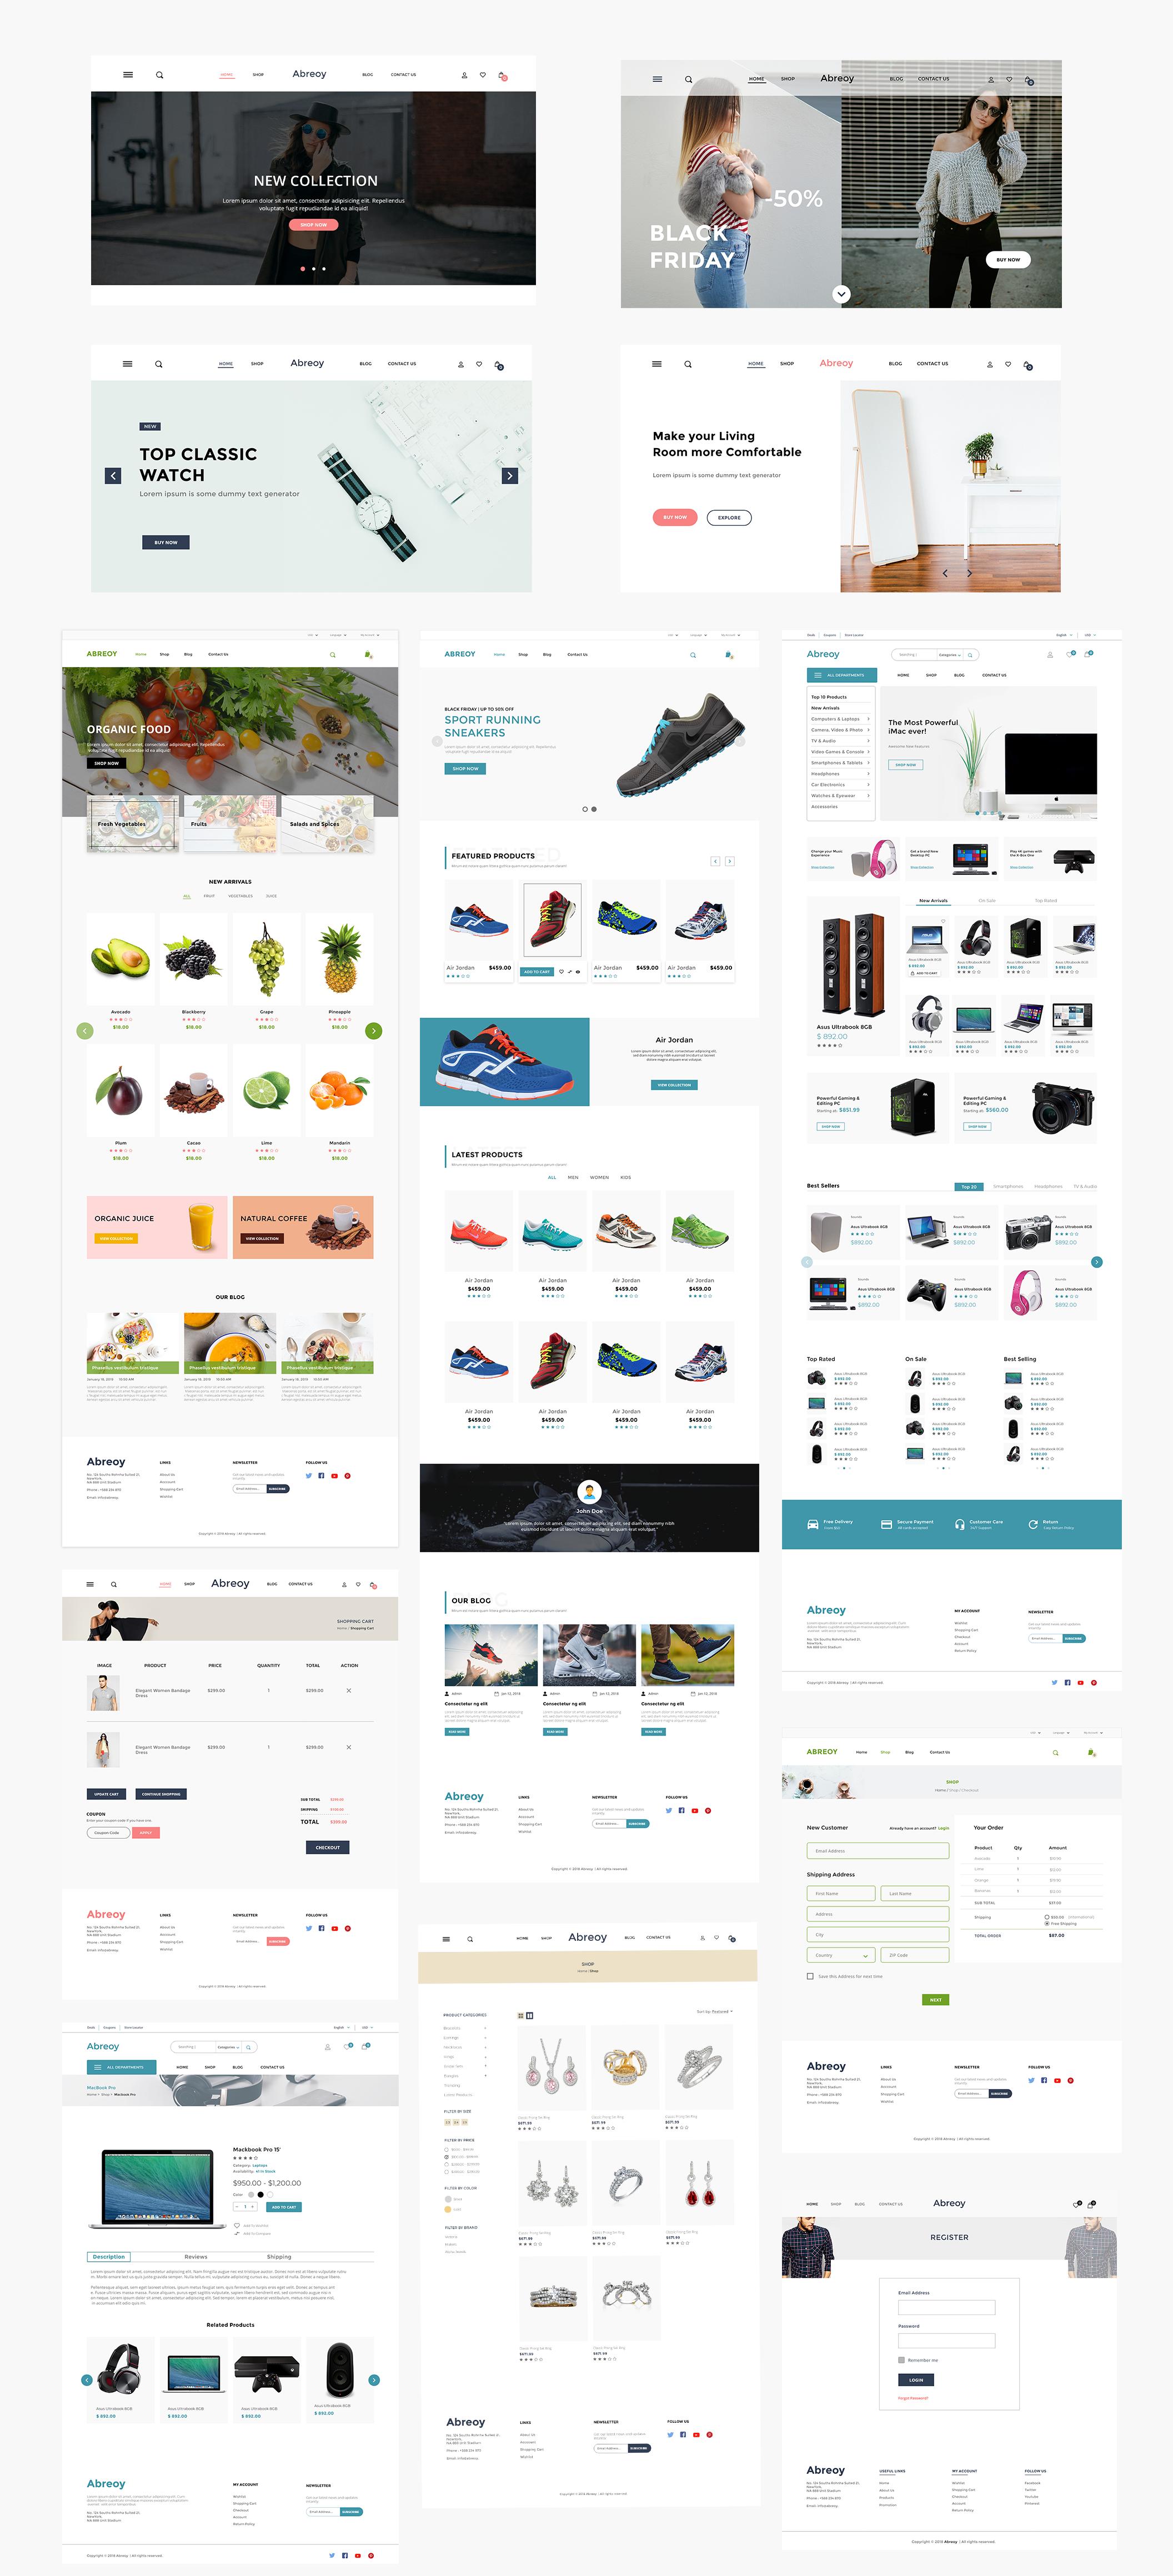 在线购物电子商城APP应用设计UI套件素材 Abreoy E-Commerce UI Kit插图(5)